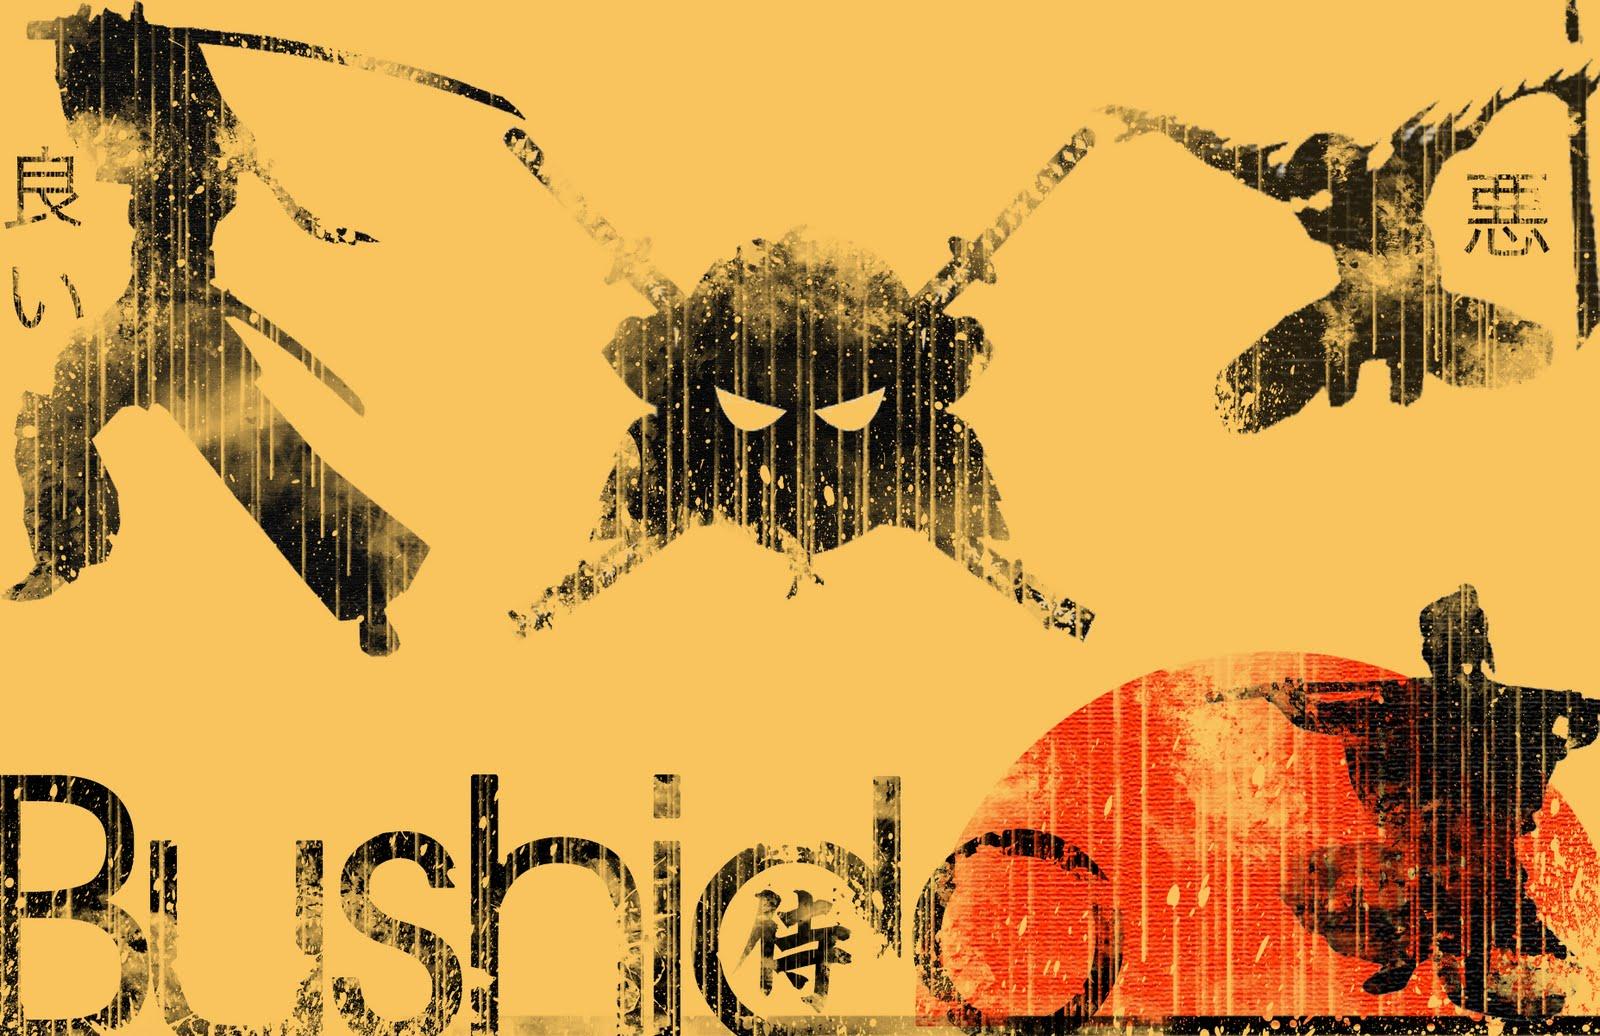 http://1.bp.blogspot.com/-xq7dEjwHVZ8/Ty2J6GnMbvI/AAAAAAAADMY/vAsUuOimxYg/s1600/wallpapers_bushido.jpg